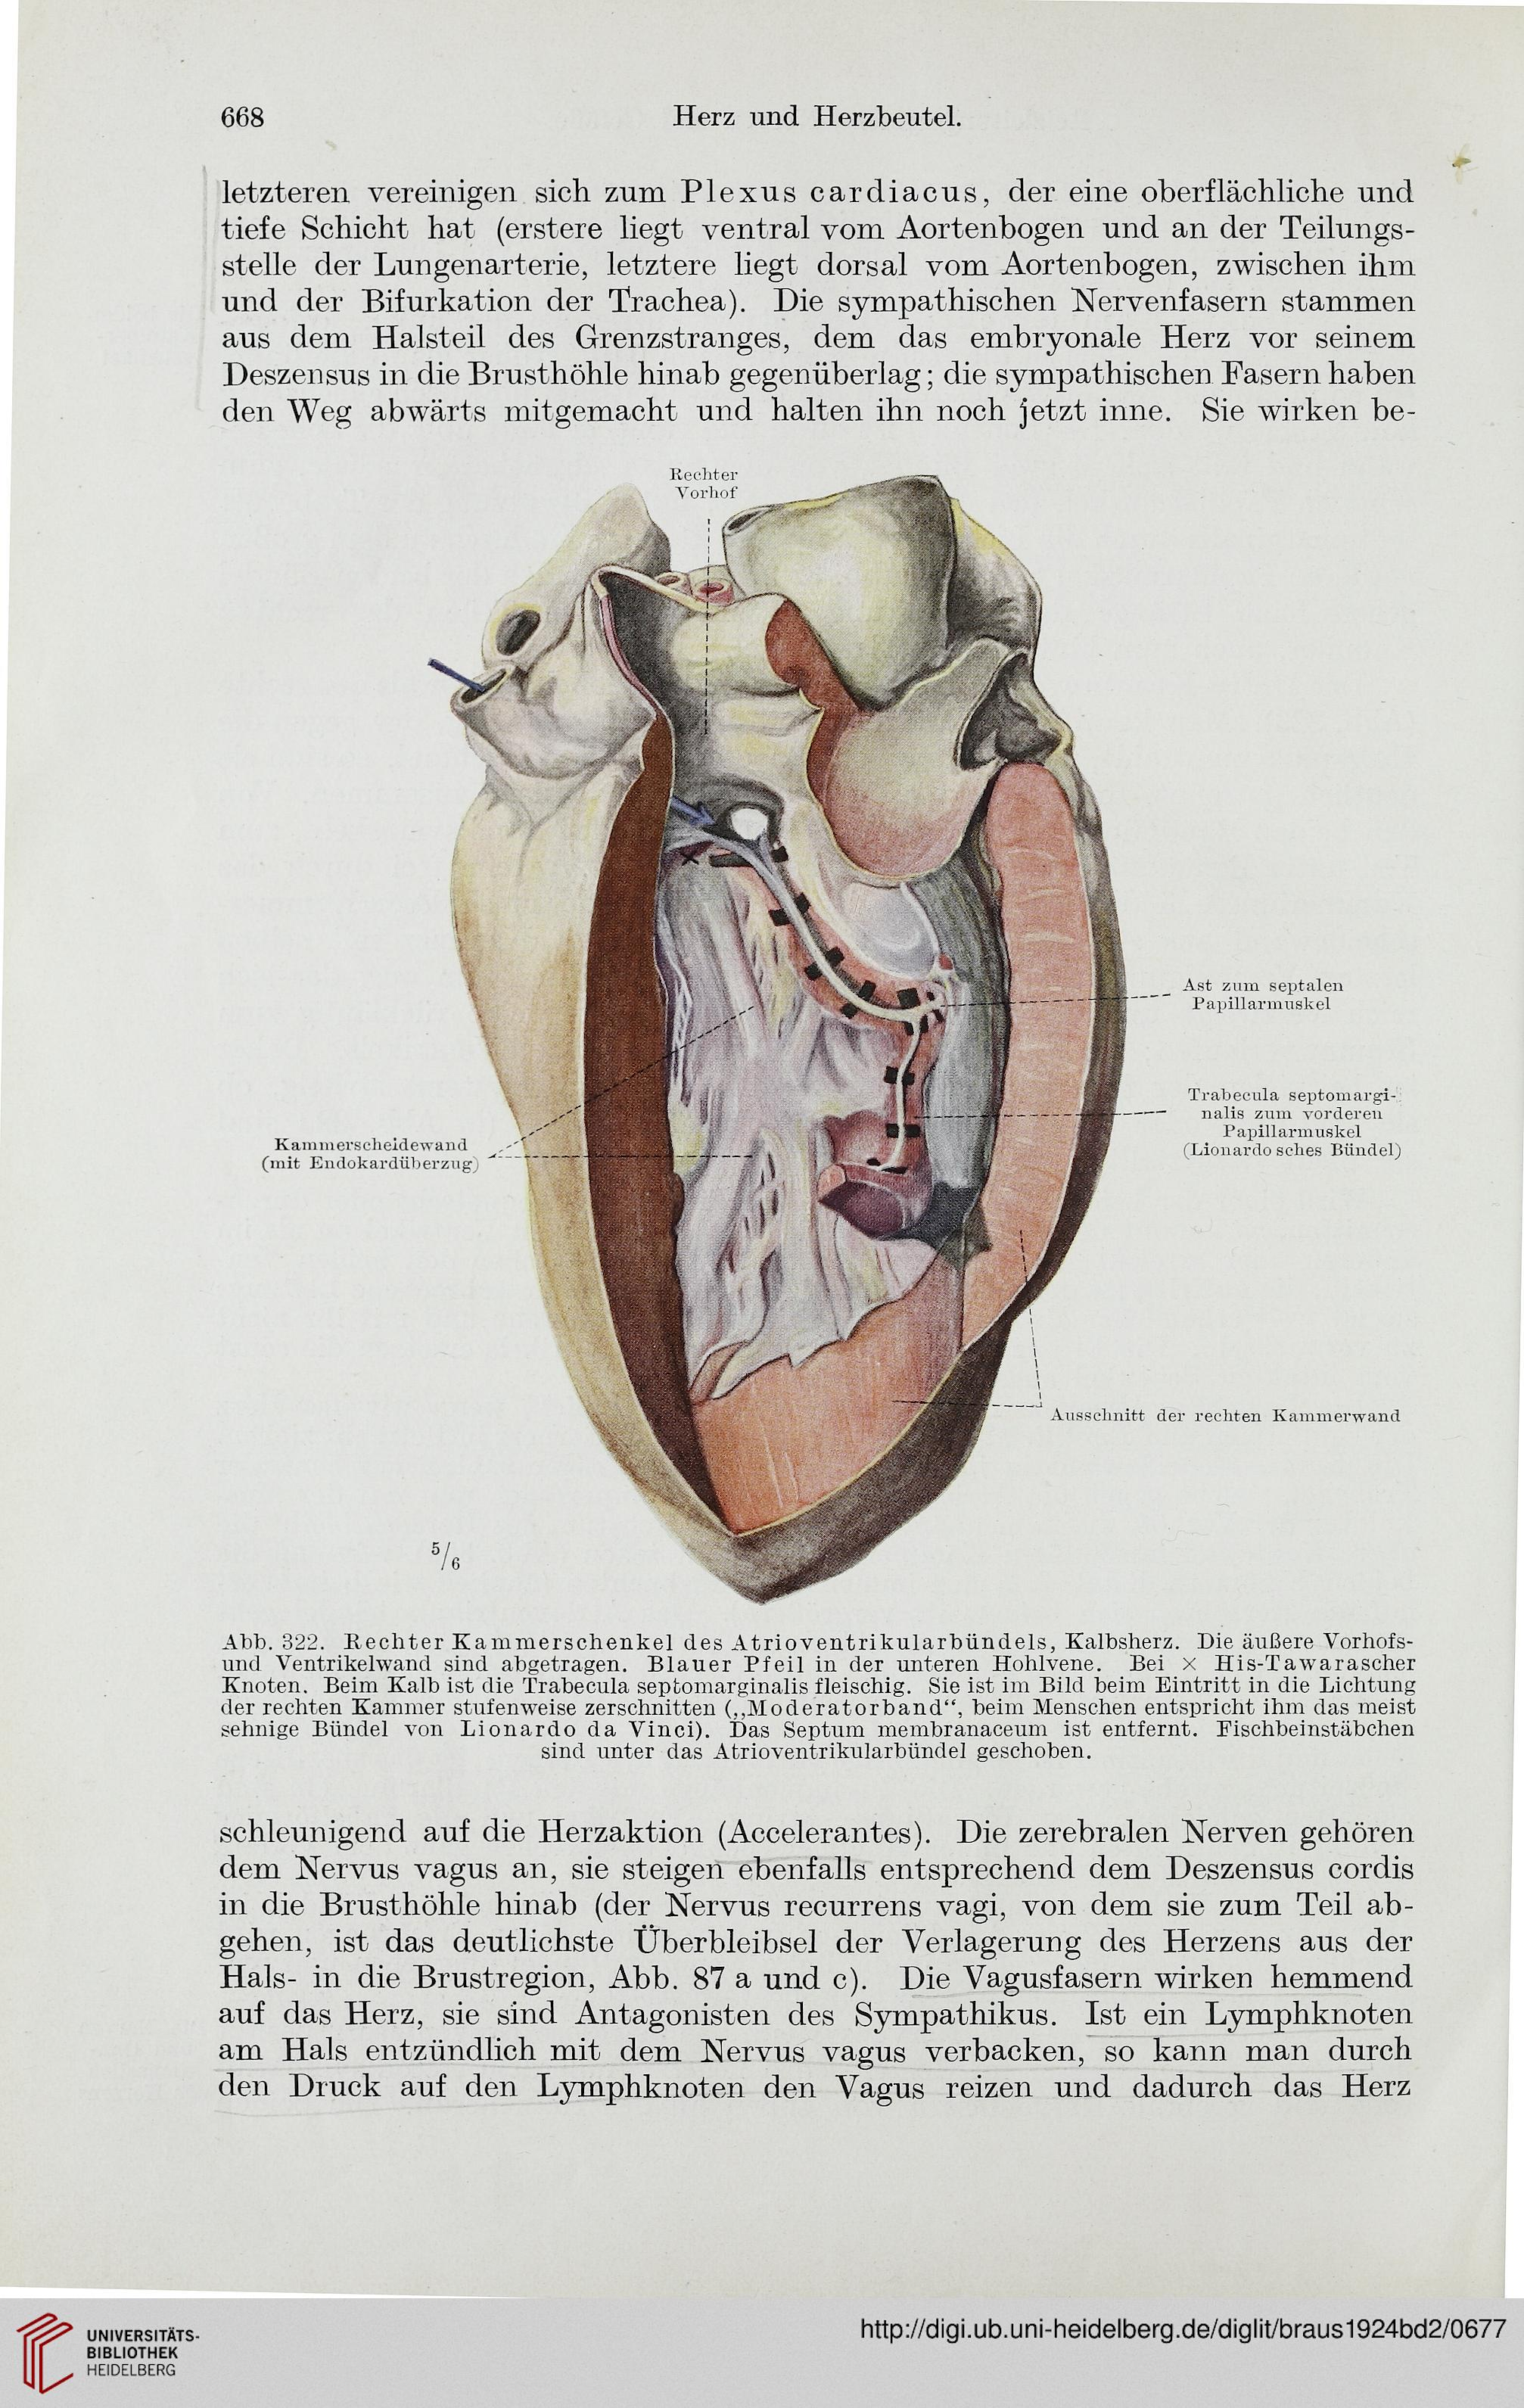 Atemberaubend Die Innere Anatomie Des Herzens Ideen - Anatomie Ideen ...